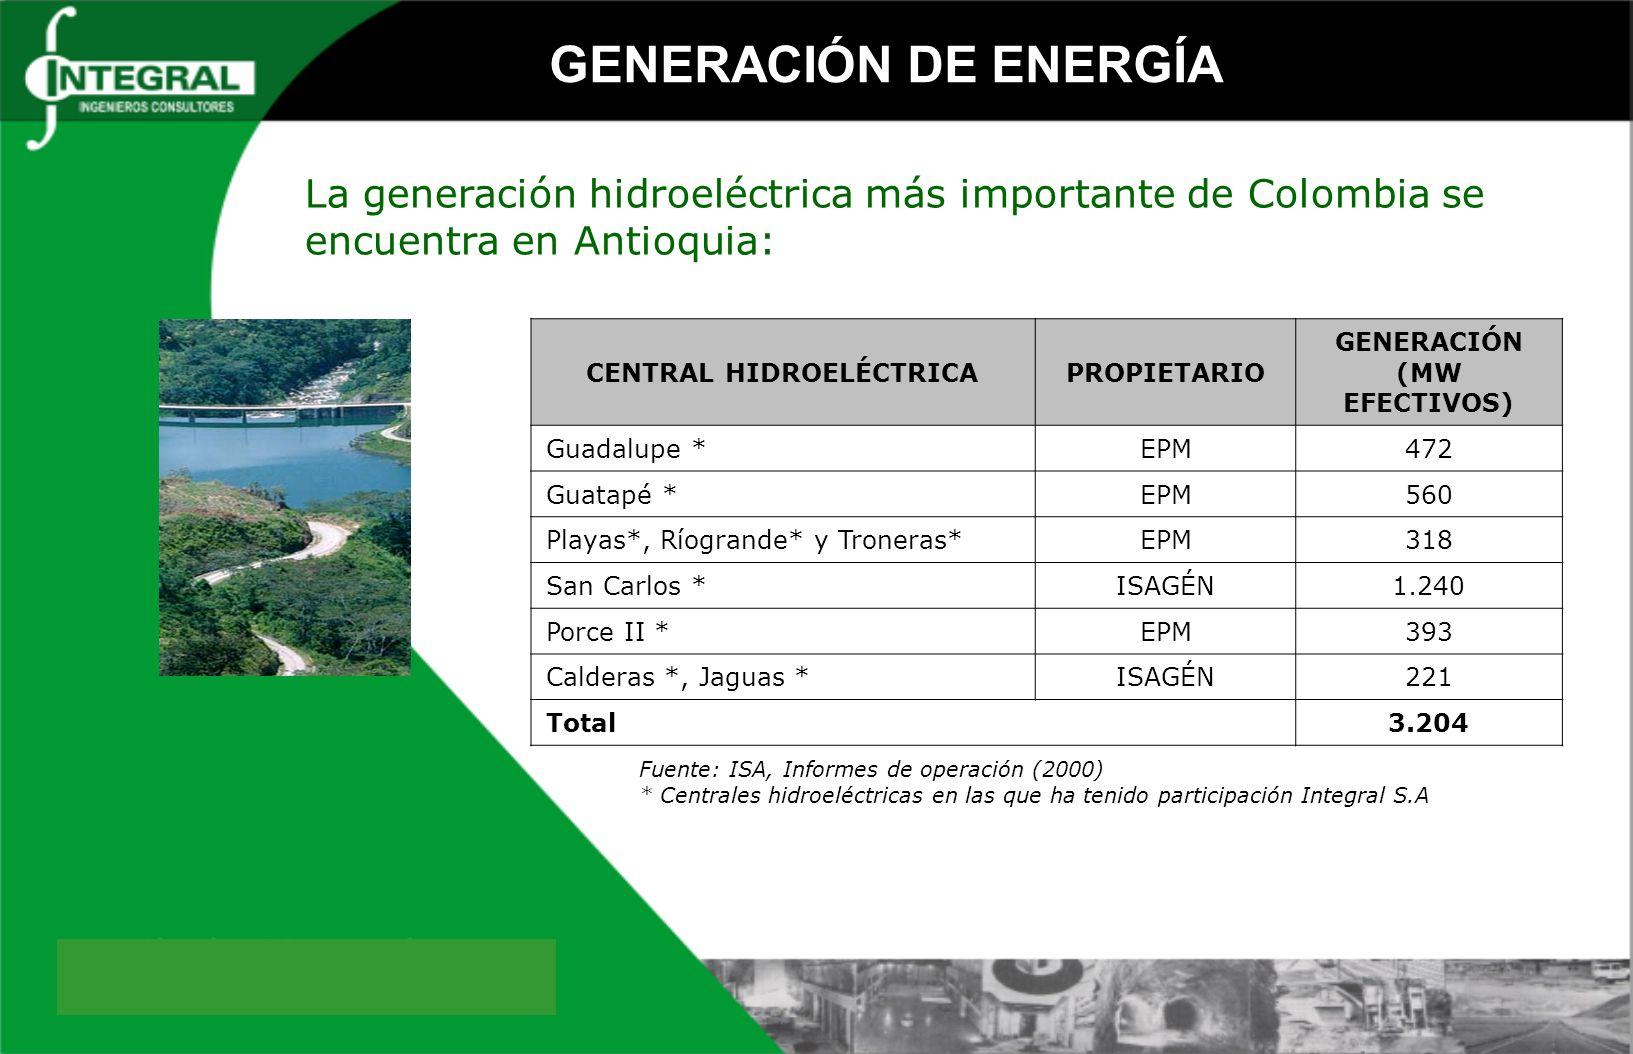 CENTRAL HIDROELÉCTRICAPROPIETARIO GENERACIÓN (MW EFECTIVOS) Guadalupe *EPM472 Guatapé *EPM560 Playas*, Ríogrande* y Troneras*EPM318 San Carlos *ISAGÉN1.240 Porce II *EPM393 Calderas *, Jaguas *ISAGÉN221 Total3.204 Fuente: ISA, Informes de operación (2000) * Centrales hidroeléctricas en las que ha tenido participación Integral S.A La generación hidroeléctrica más importante de Colombia se encuentra en Antioquia: GENERACIÓN DE ENERGÍA